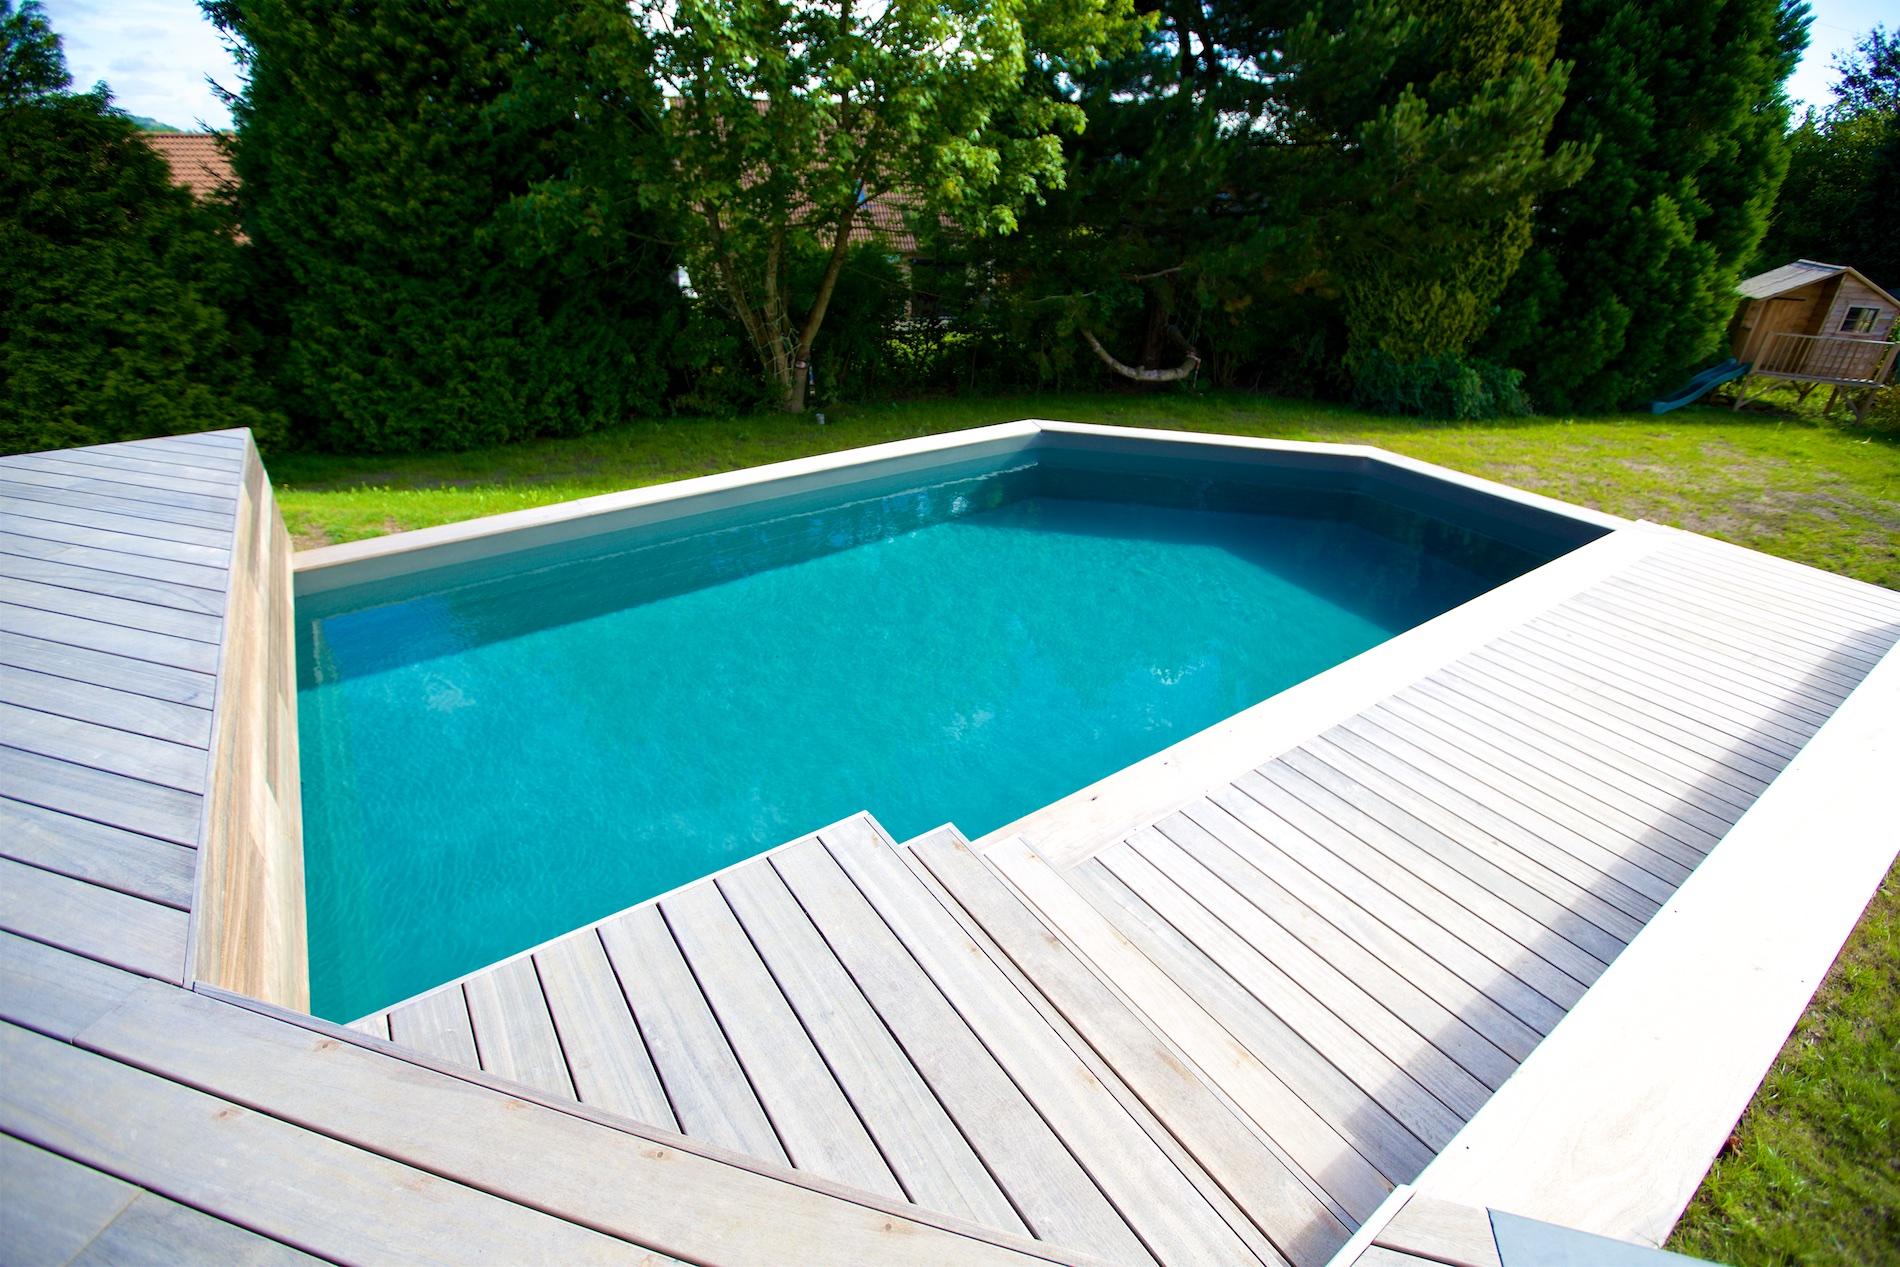 Piscine terrasse en bois et dalles novirtua for Accessoire piscine namur